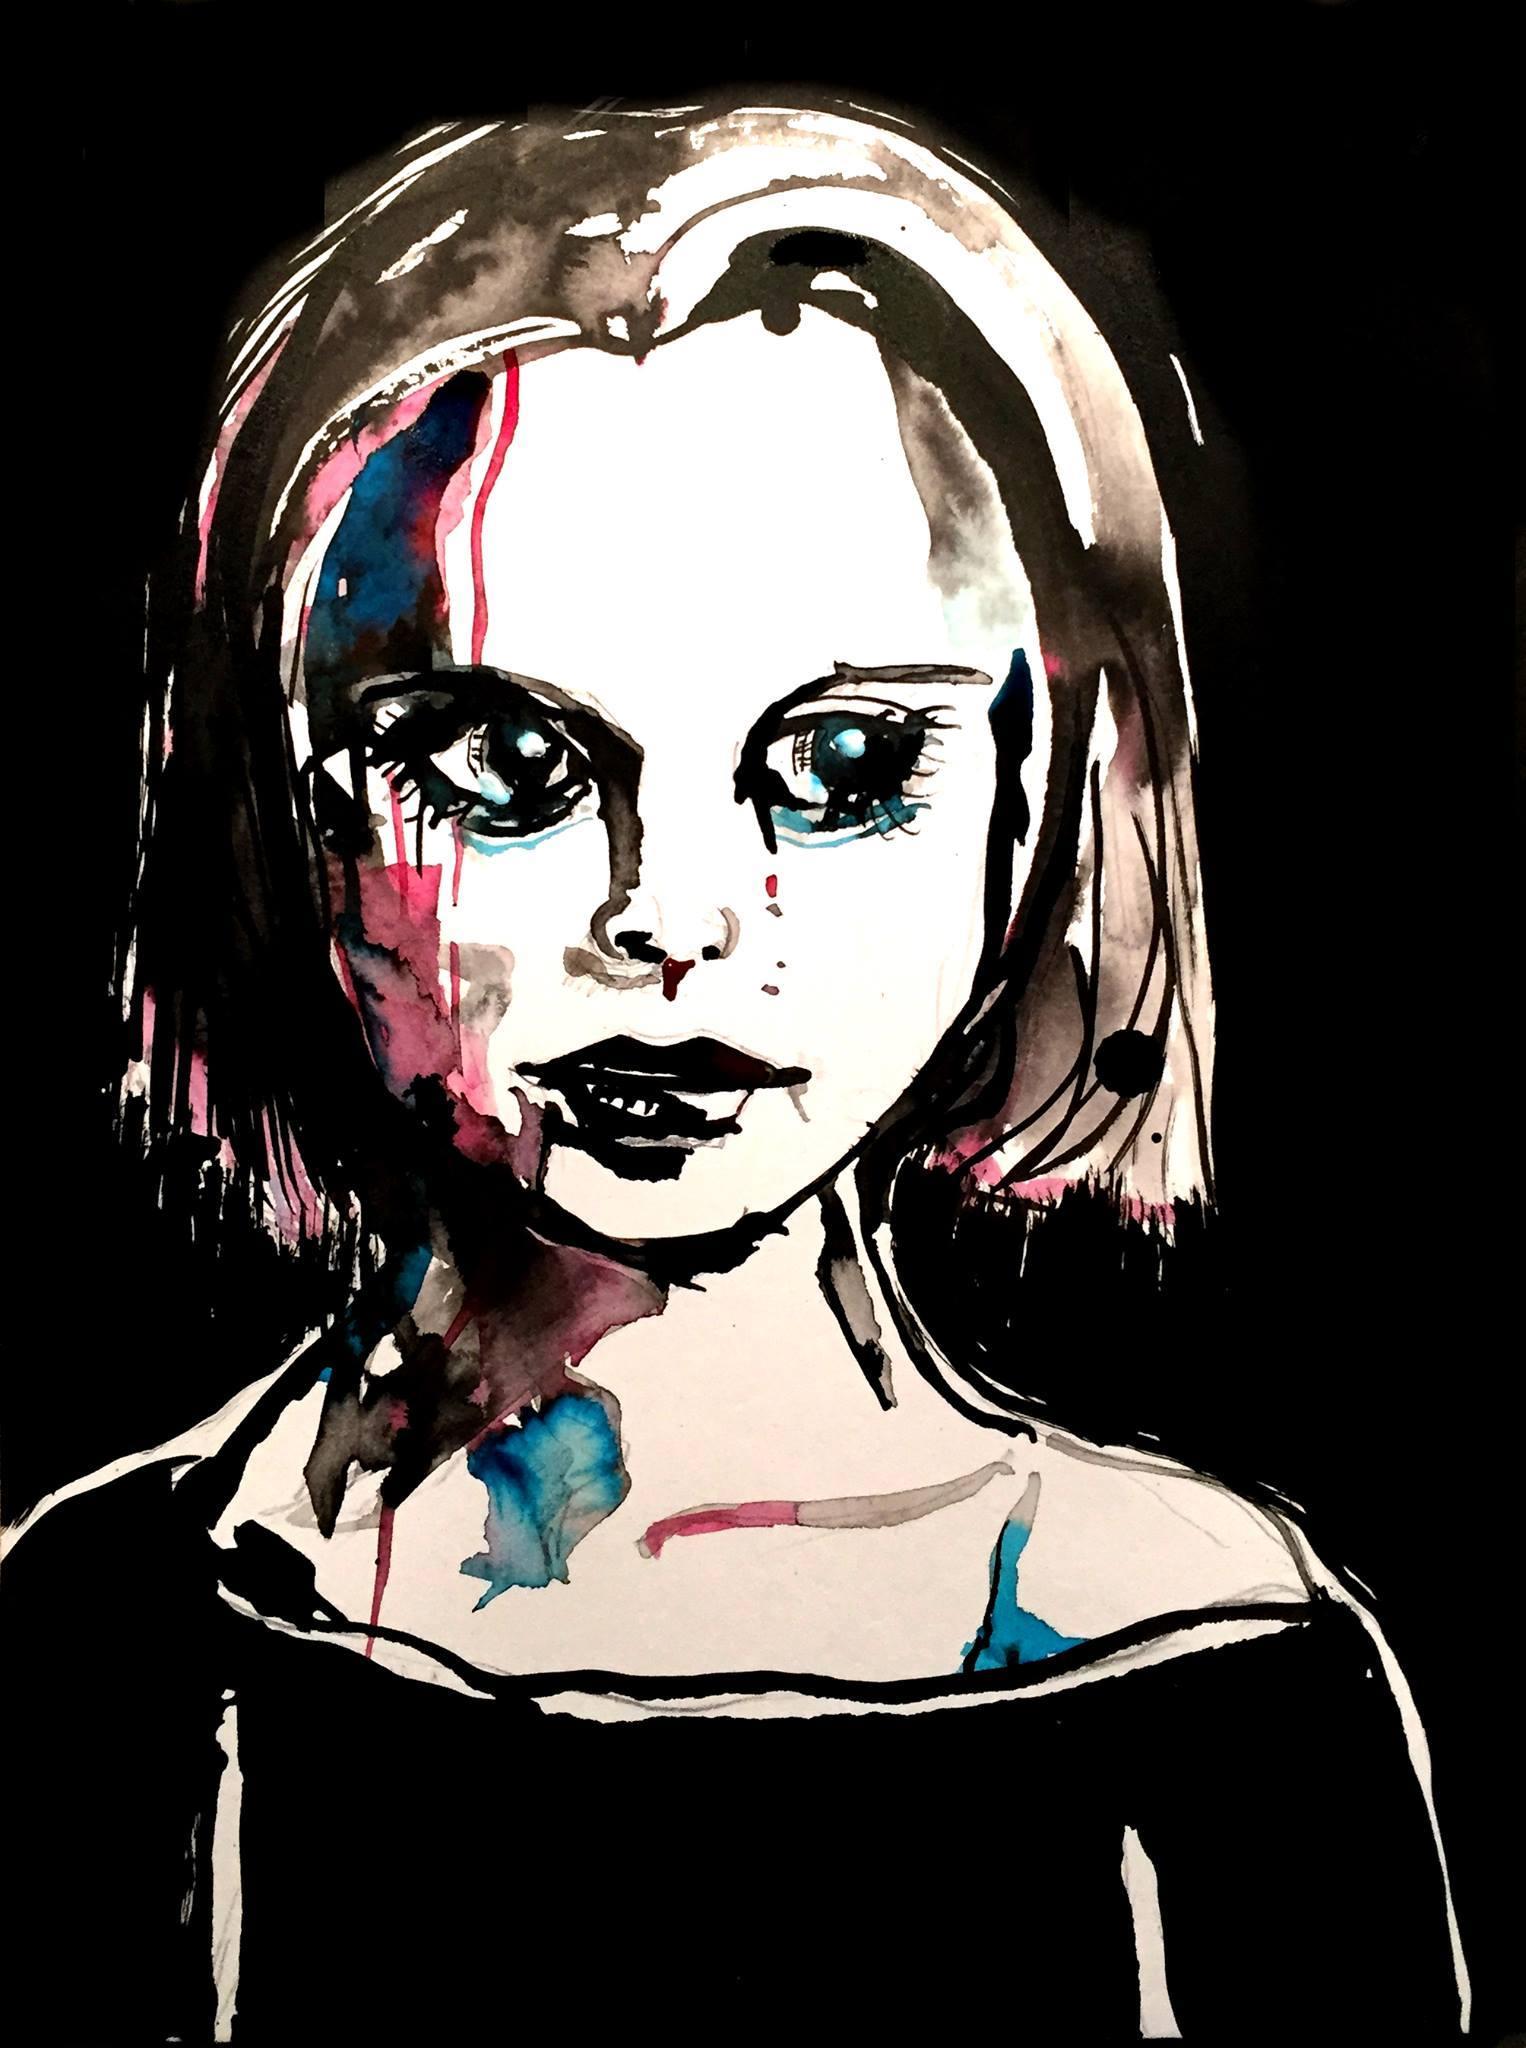 Ich bin zerrissen, zerstückelt, zerhackt, Tusche auf Papier, 32 x 24, 2016